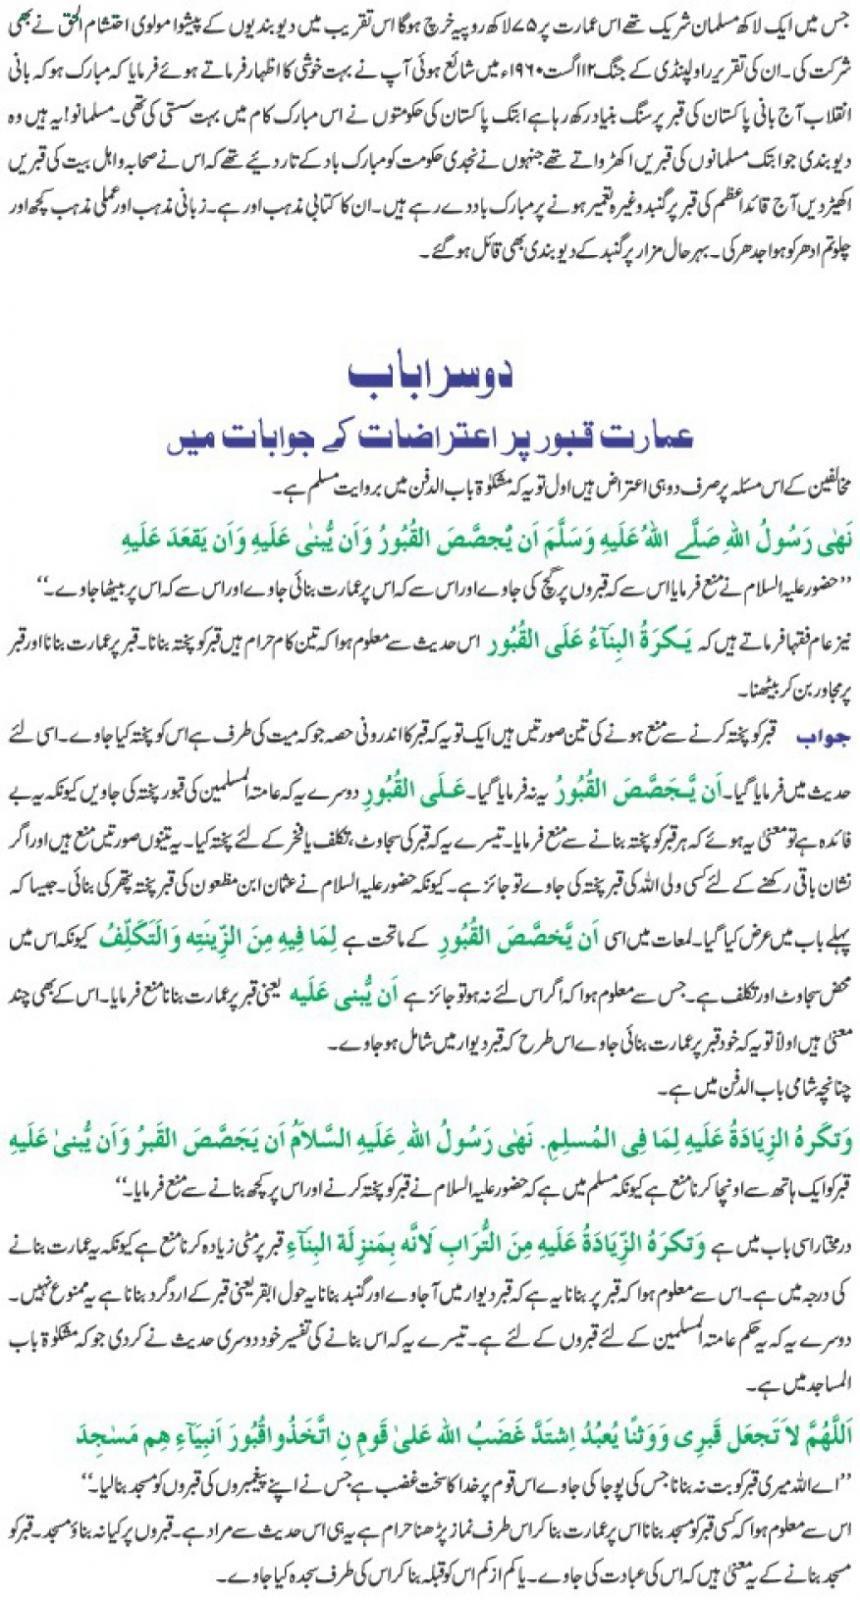 بحث مزارات اولیاء اللہ پر گنبد بنانا 152.jpg